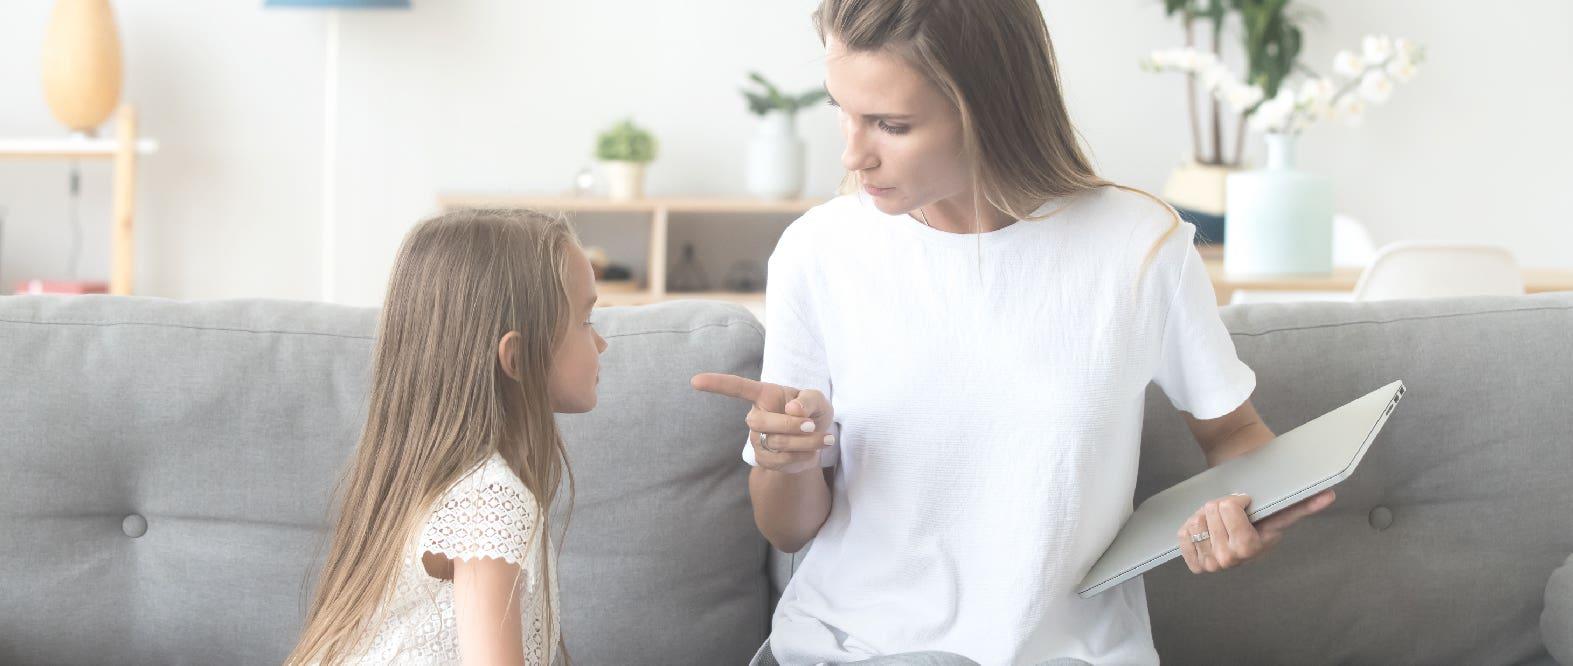 ¿Miedo o respeto?: ¡Identifica qué generas en tus hijos!